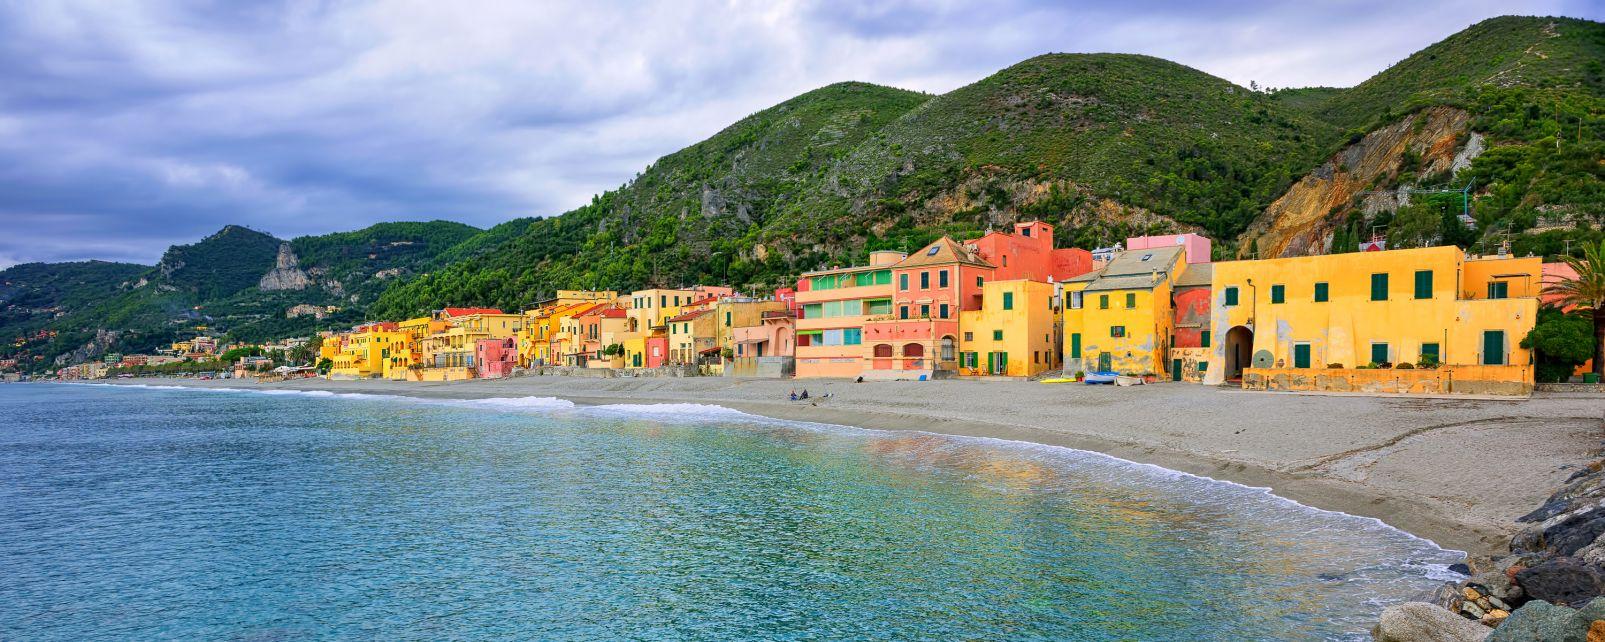 Les côtes, saracen, toscane, italie, plage, côte, europe